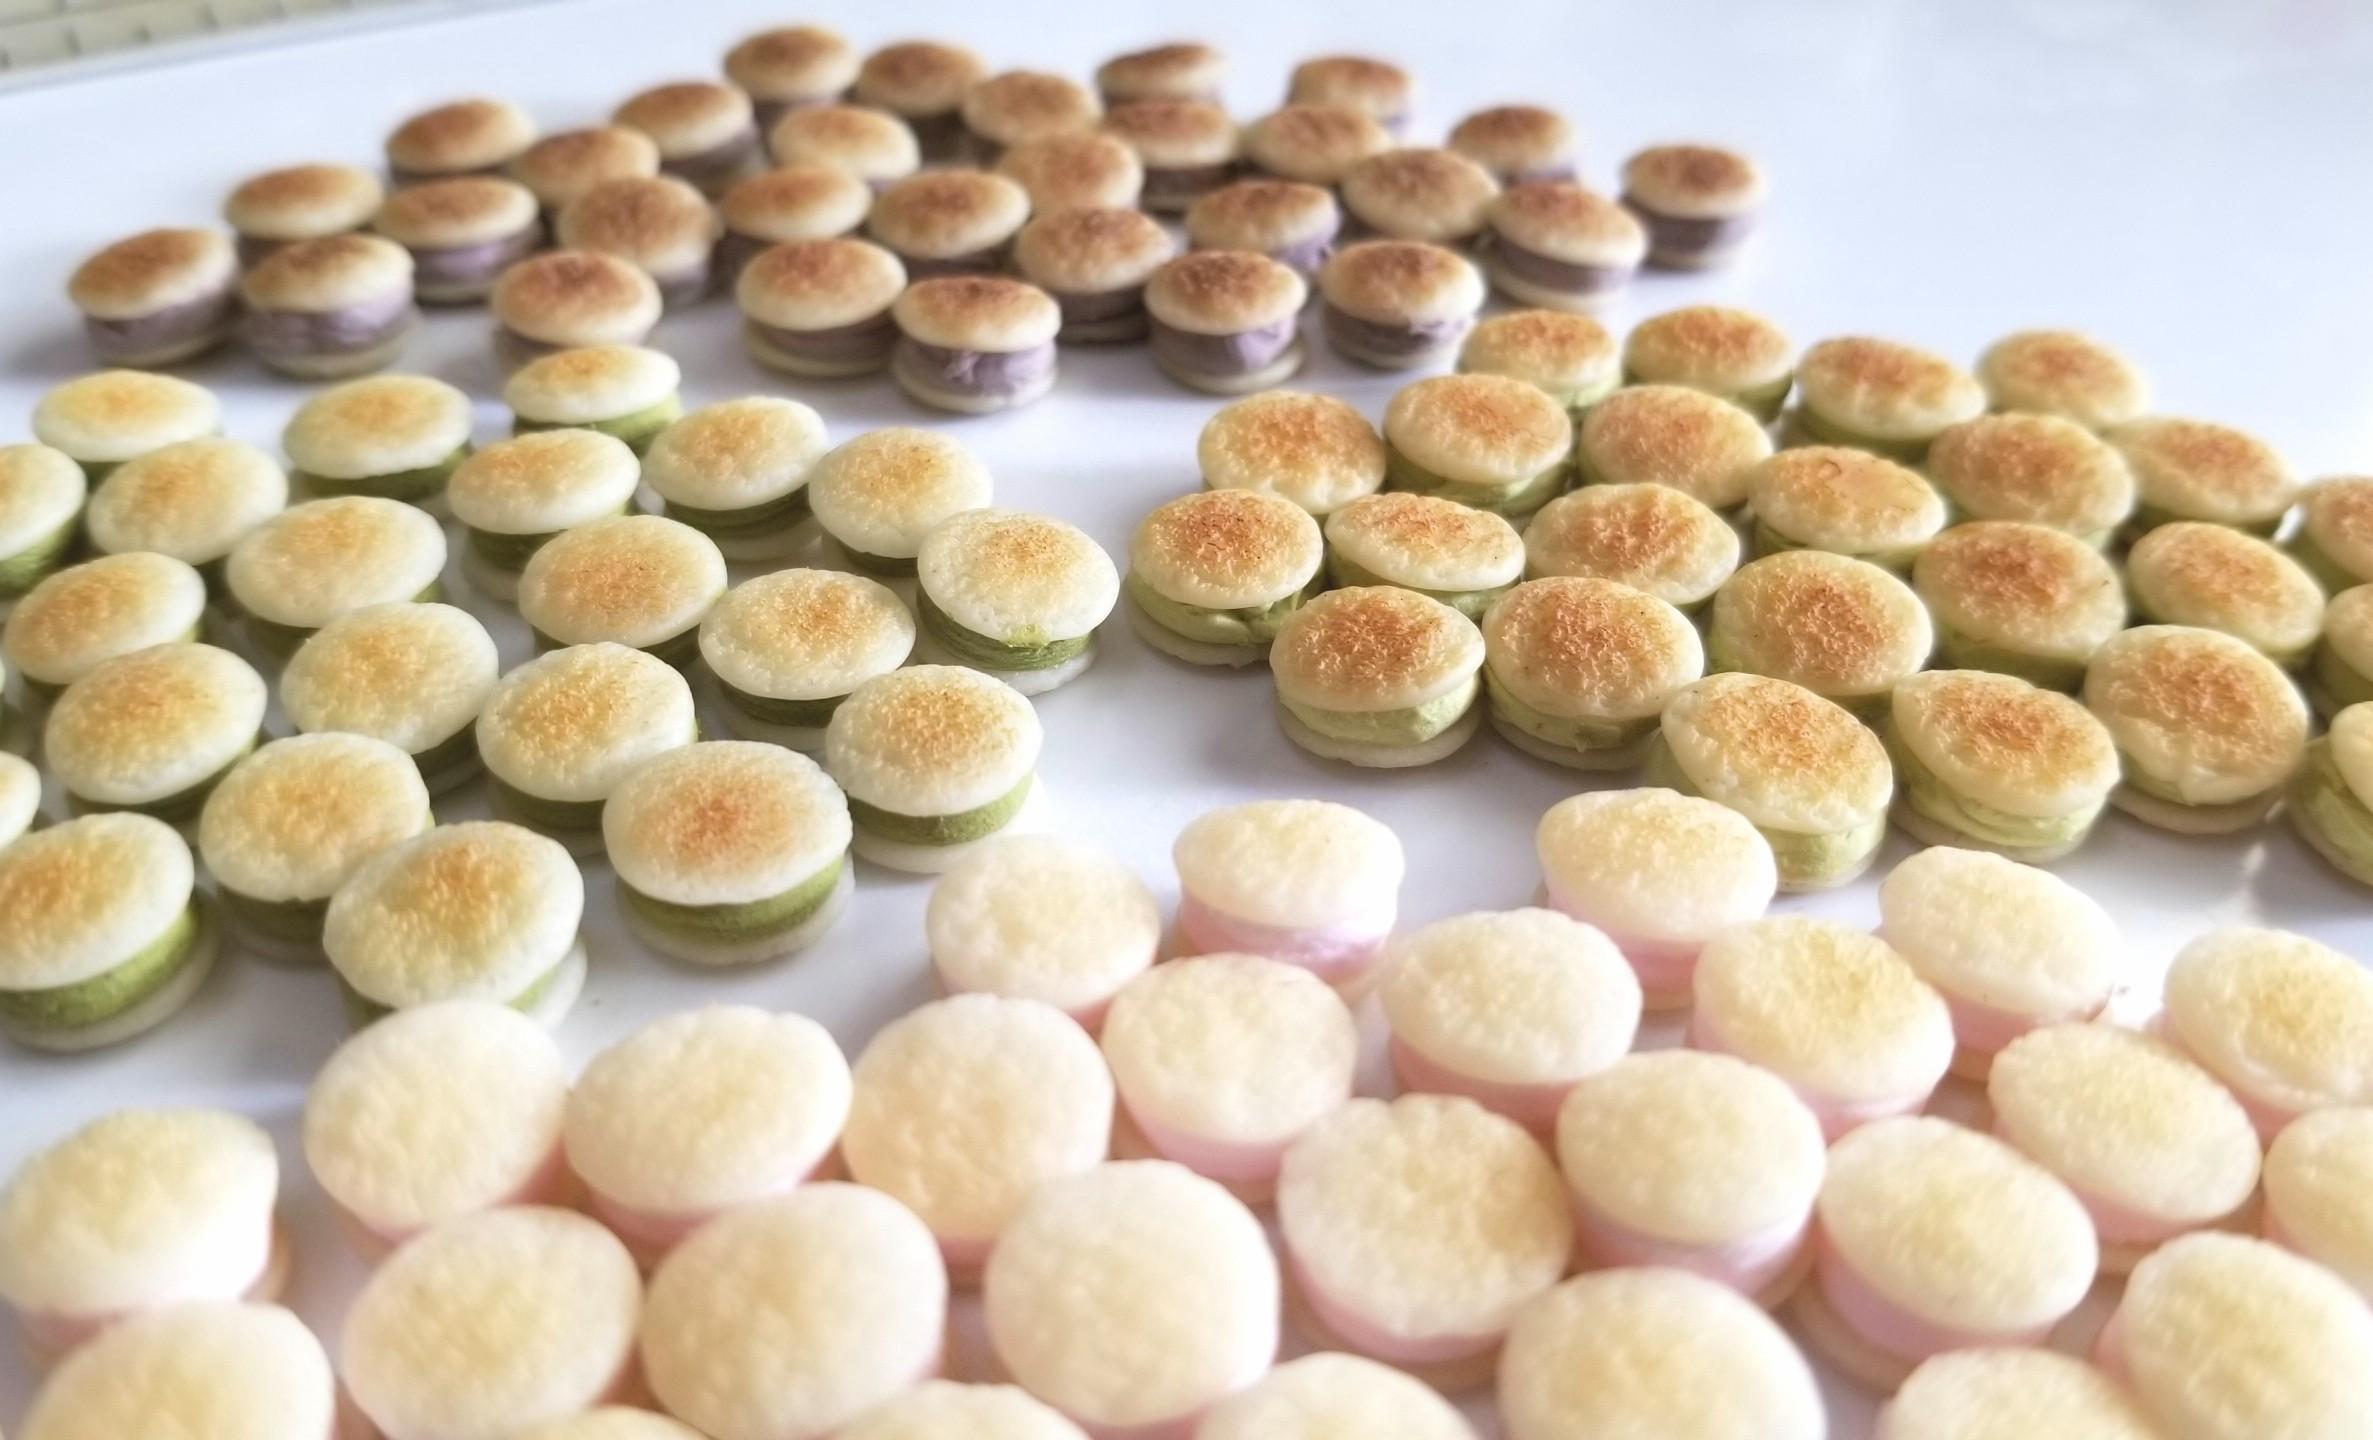 ミニチュア,和菓子,クリームどら焼き,樹脂粘土,ドールハウス,オビツ